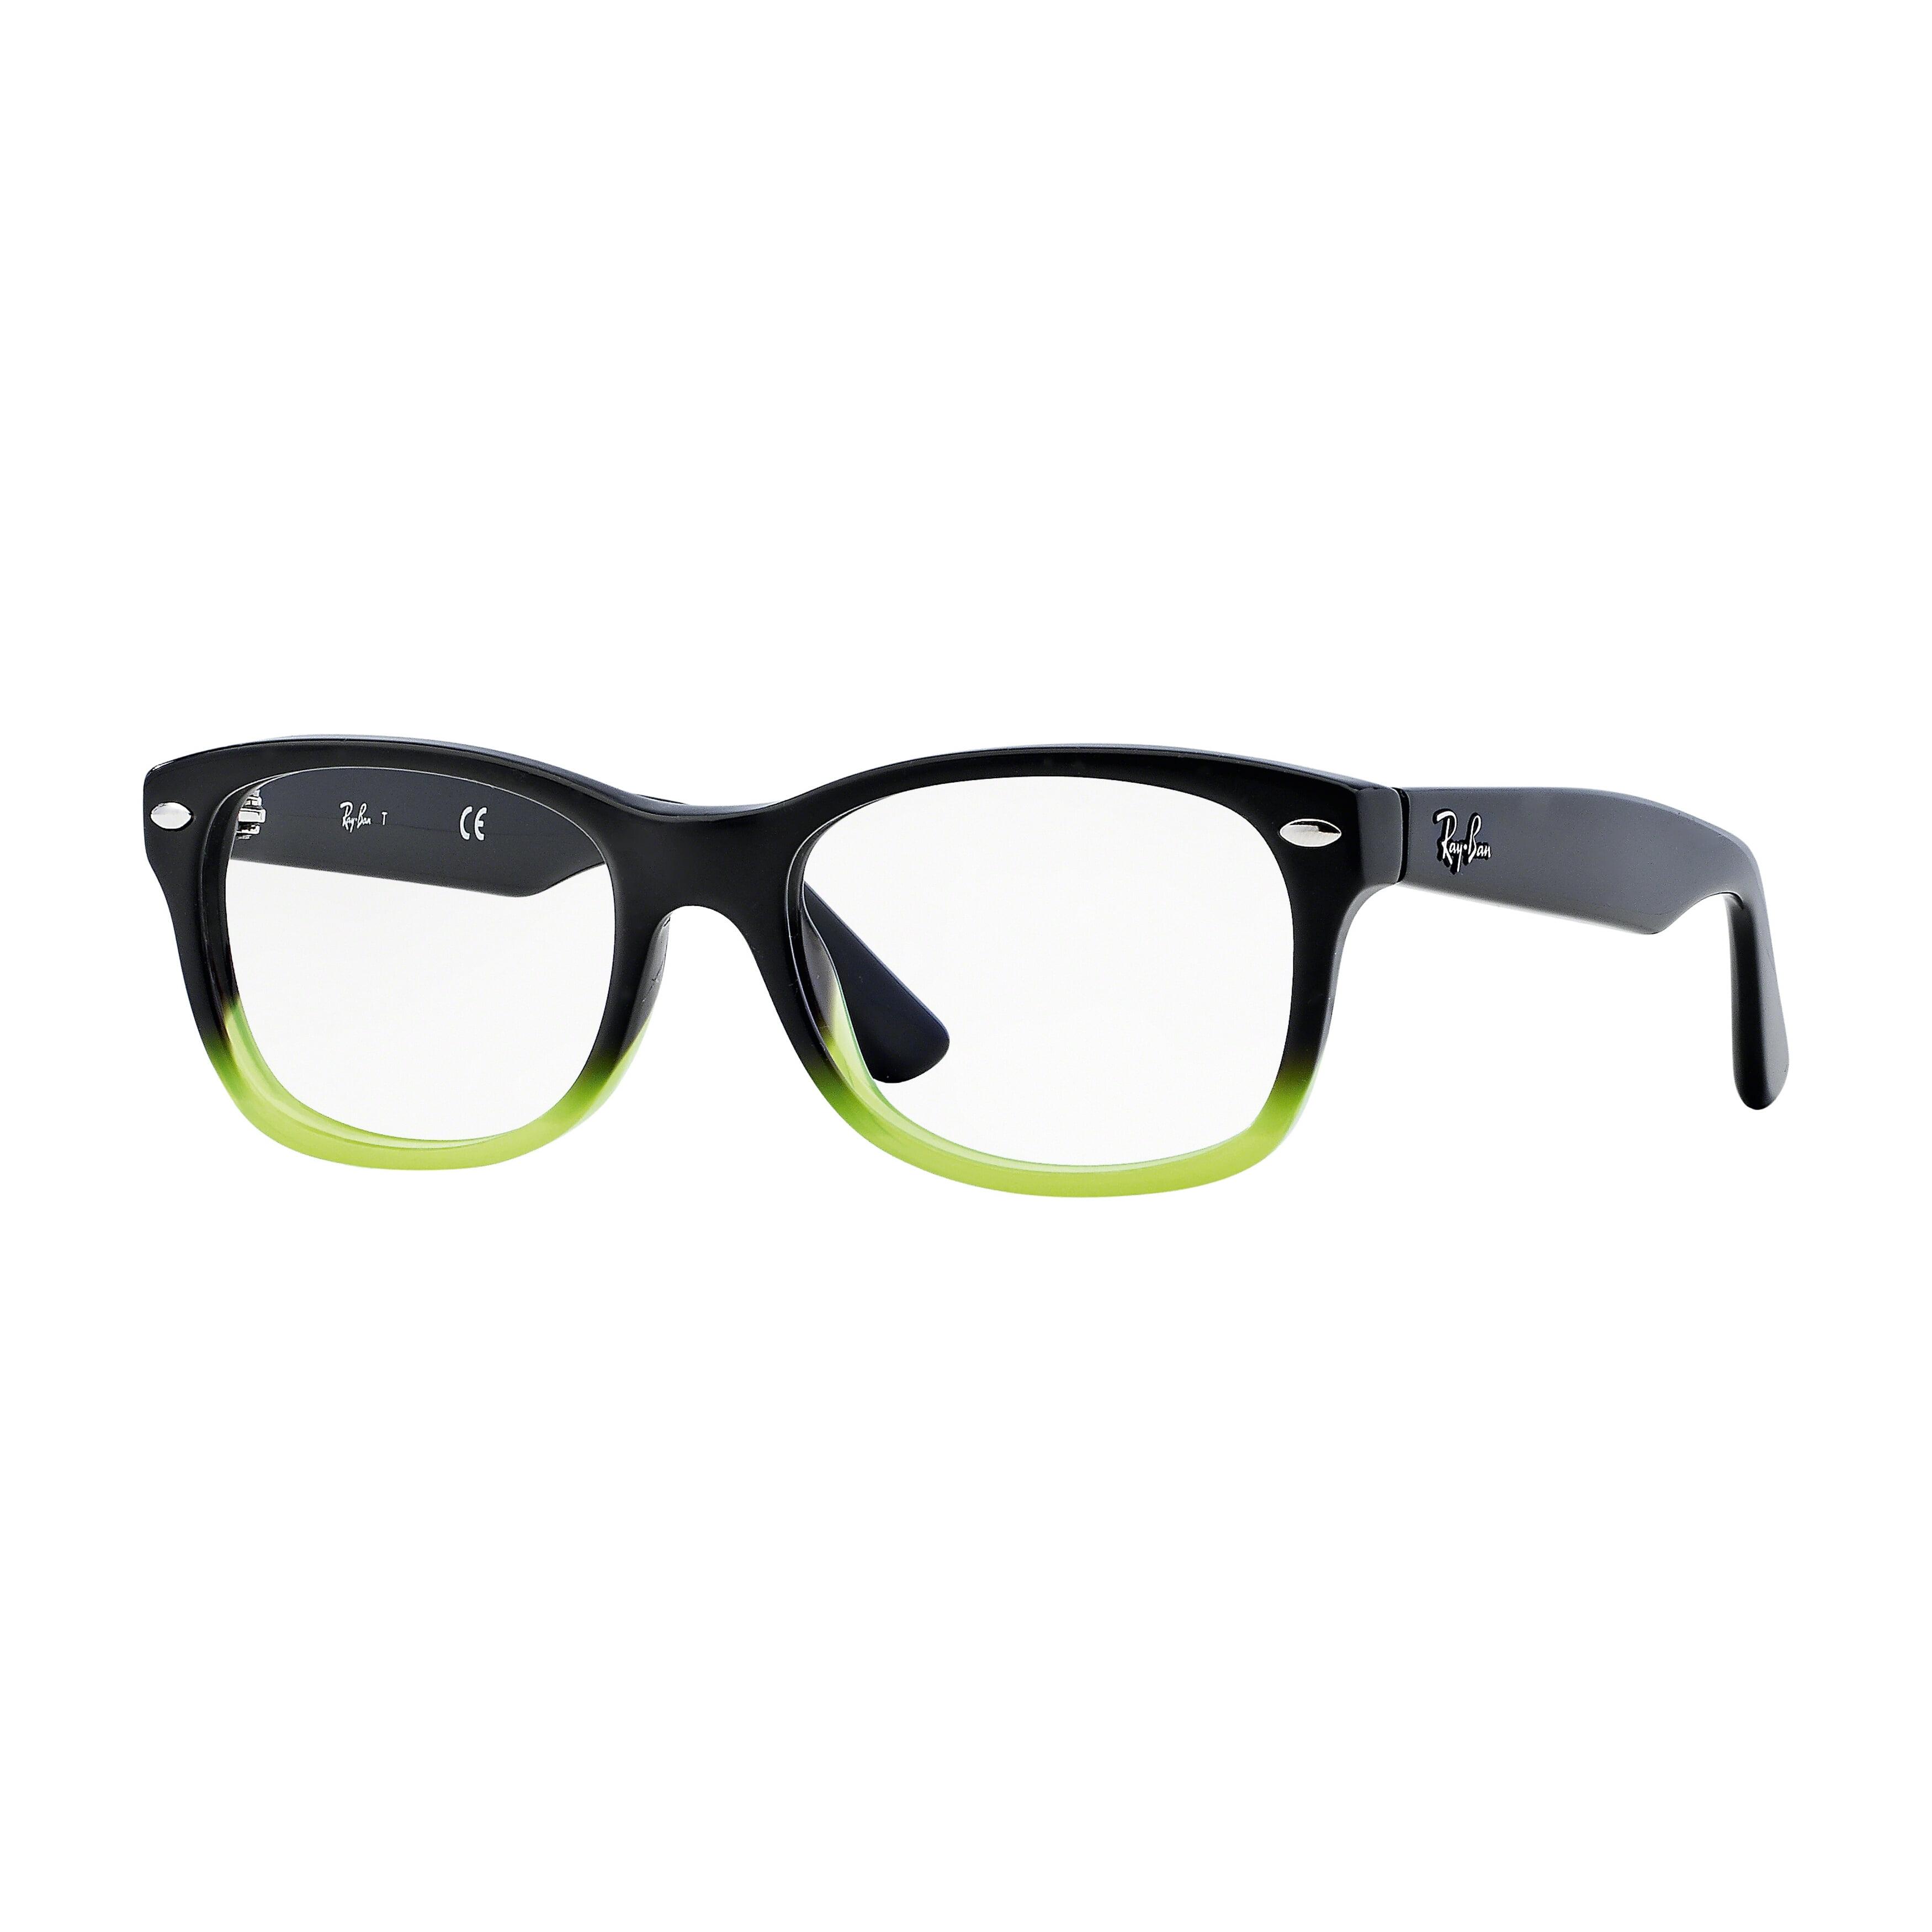 b9383b11909 Ray-Ban Jr. RY1528 Eyeglasses - Walmart.com